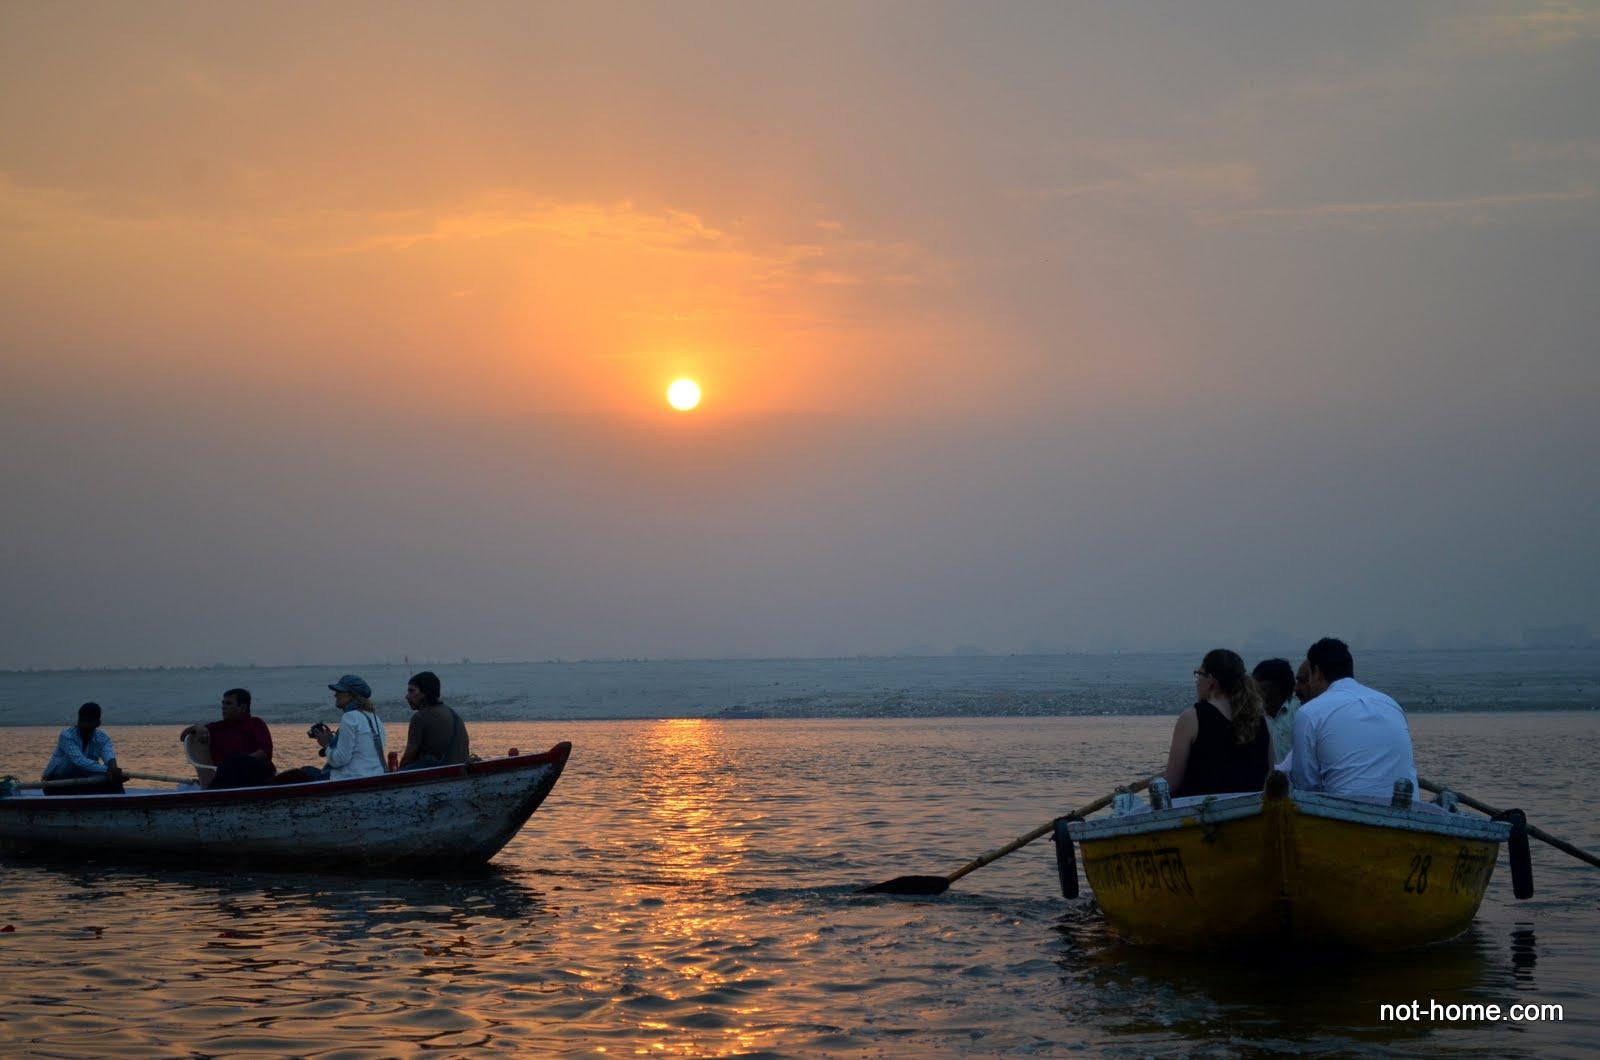 Boat ride at Varanasi